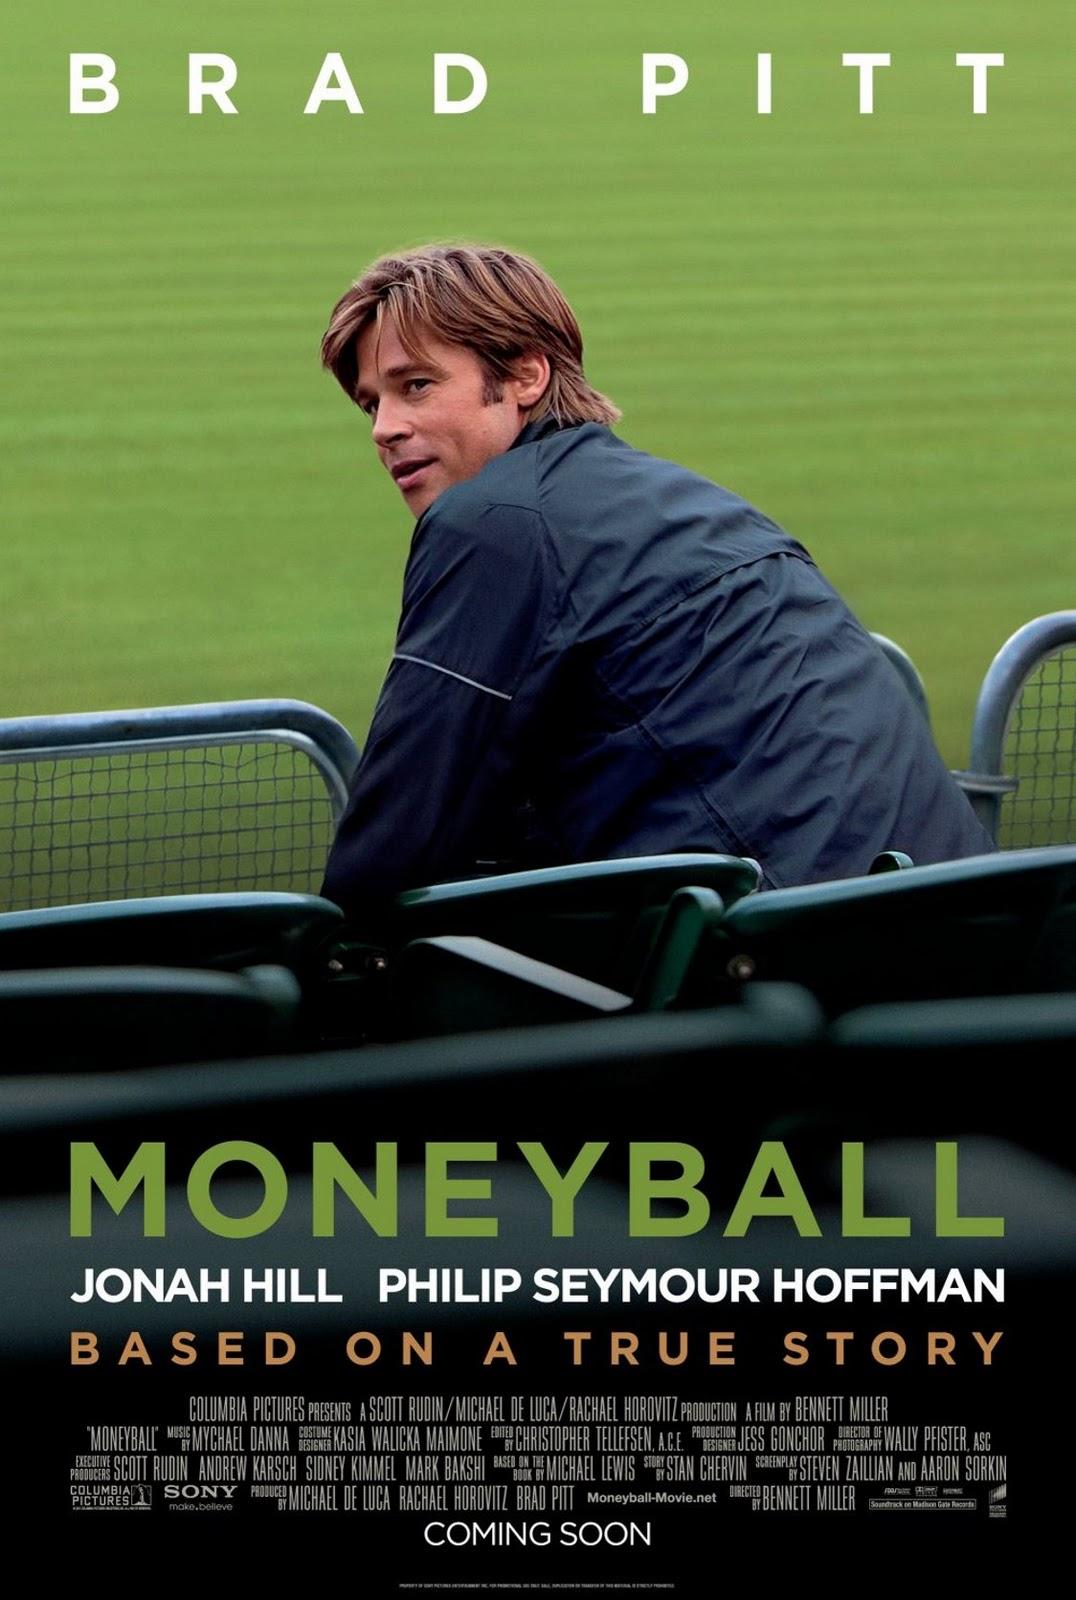 http://1.bp.blogspot.com/-5dXNQVf78vs/TysO0-ZyyxI/AAAAAAAAALU/Q31m8H3eoNQ/s1600/moneyball-poster.jpg